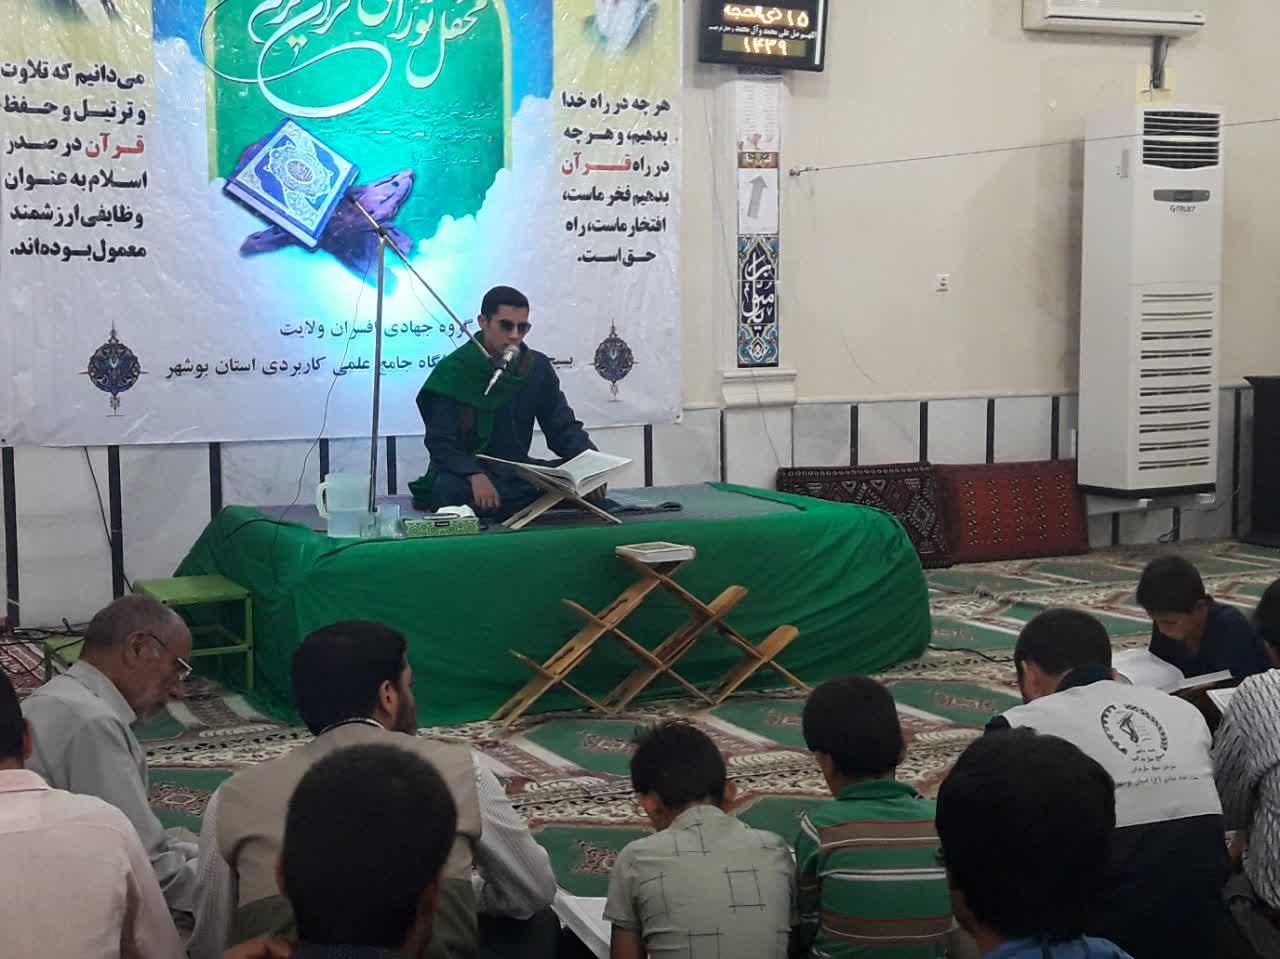 محفل انس با قرآن با حضور قاری ممتاز کشوری سید طه حسینی در مسجد رسول اکرم(ص) شهر بوشکان برگزار شد